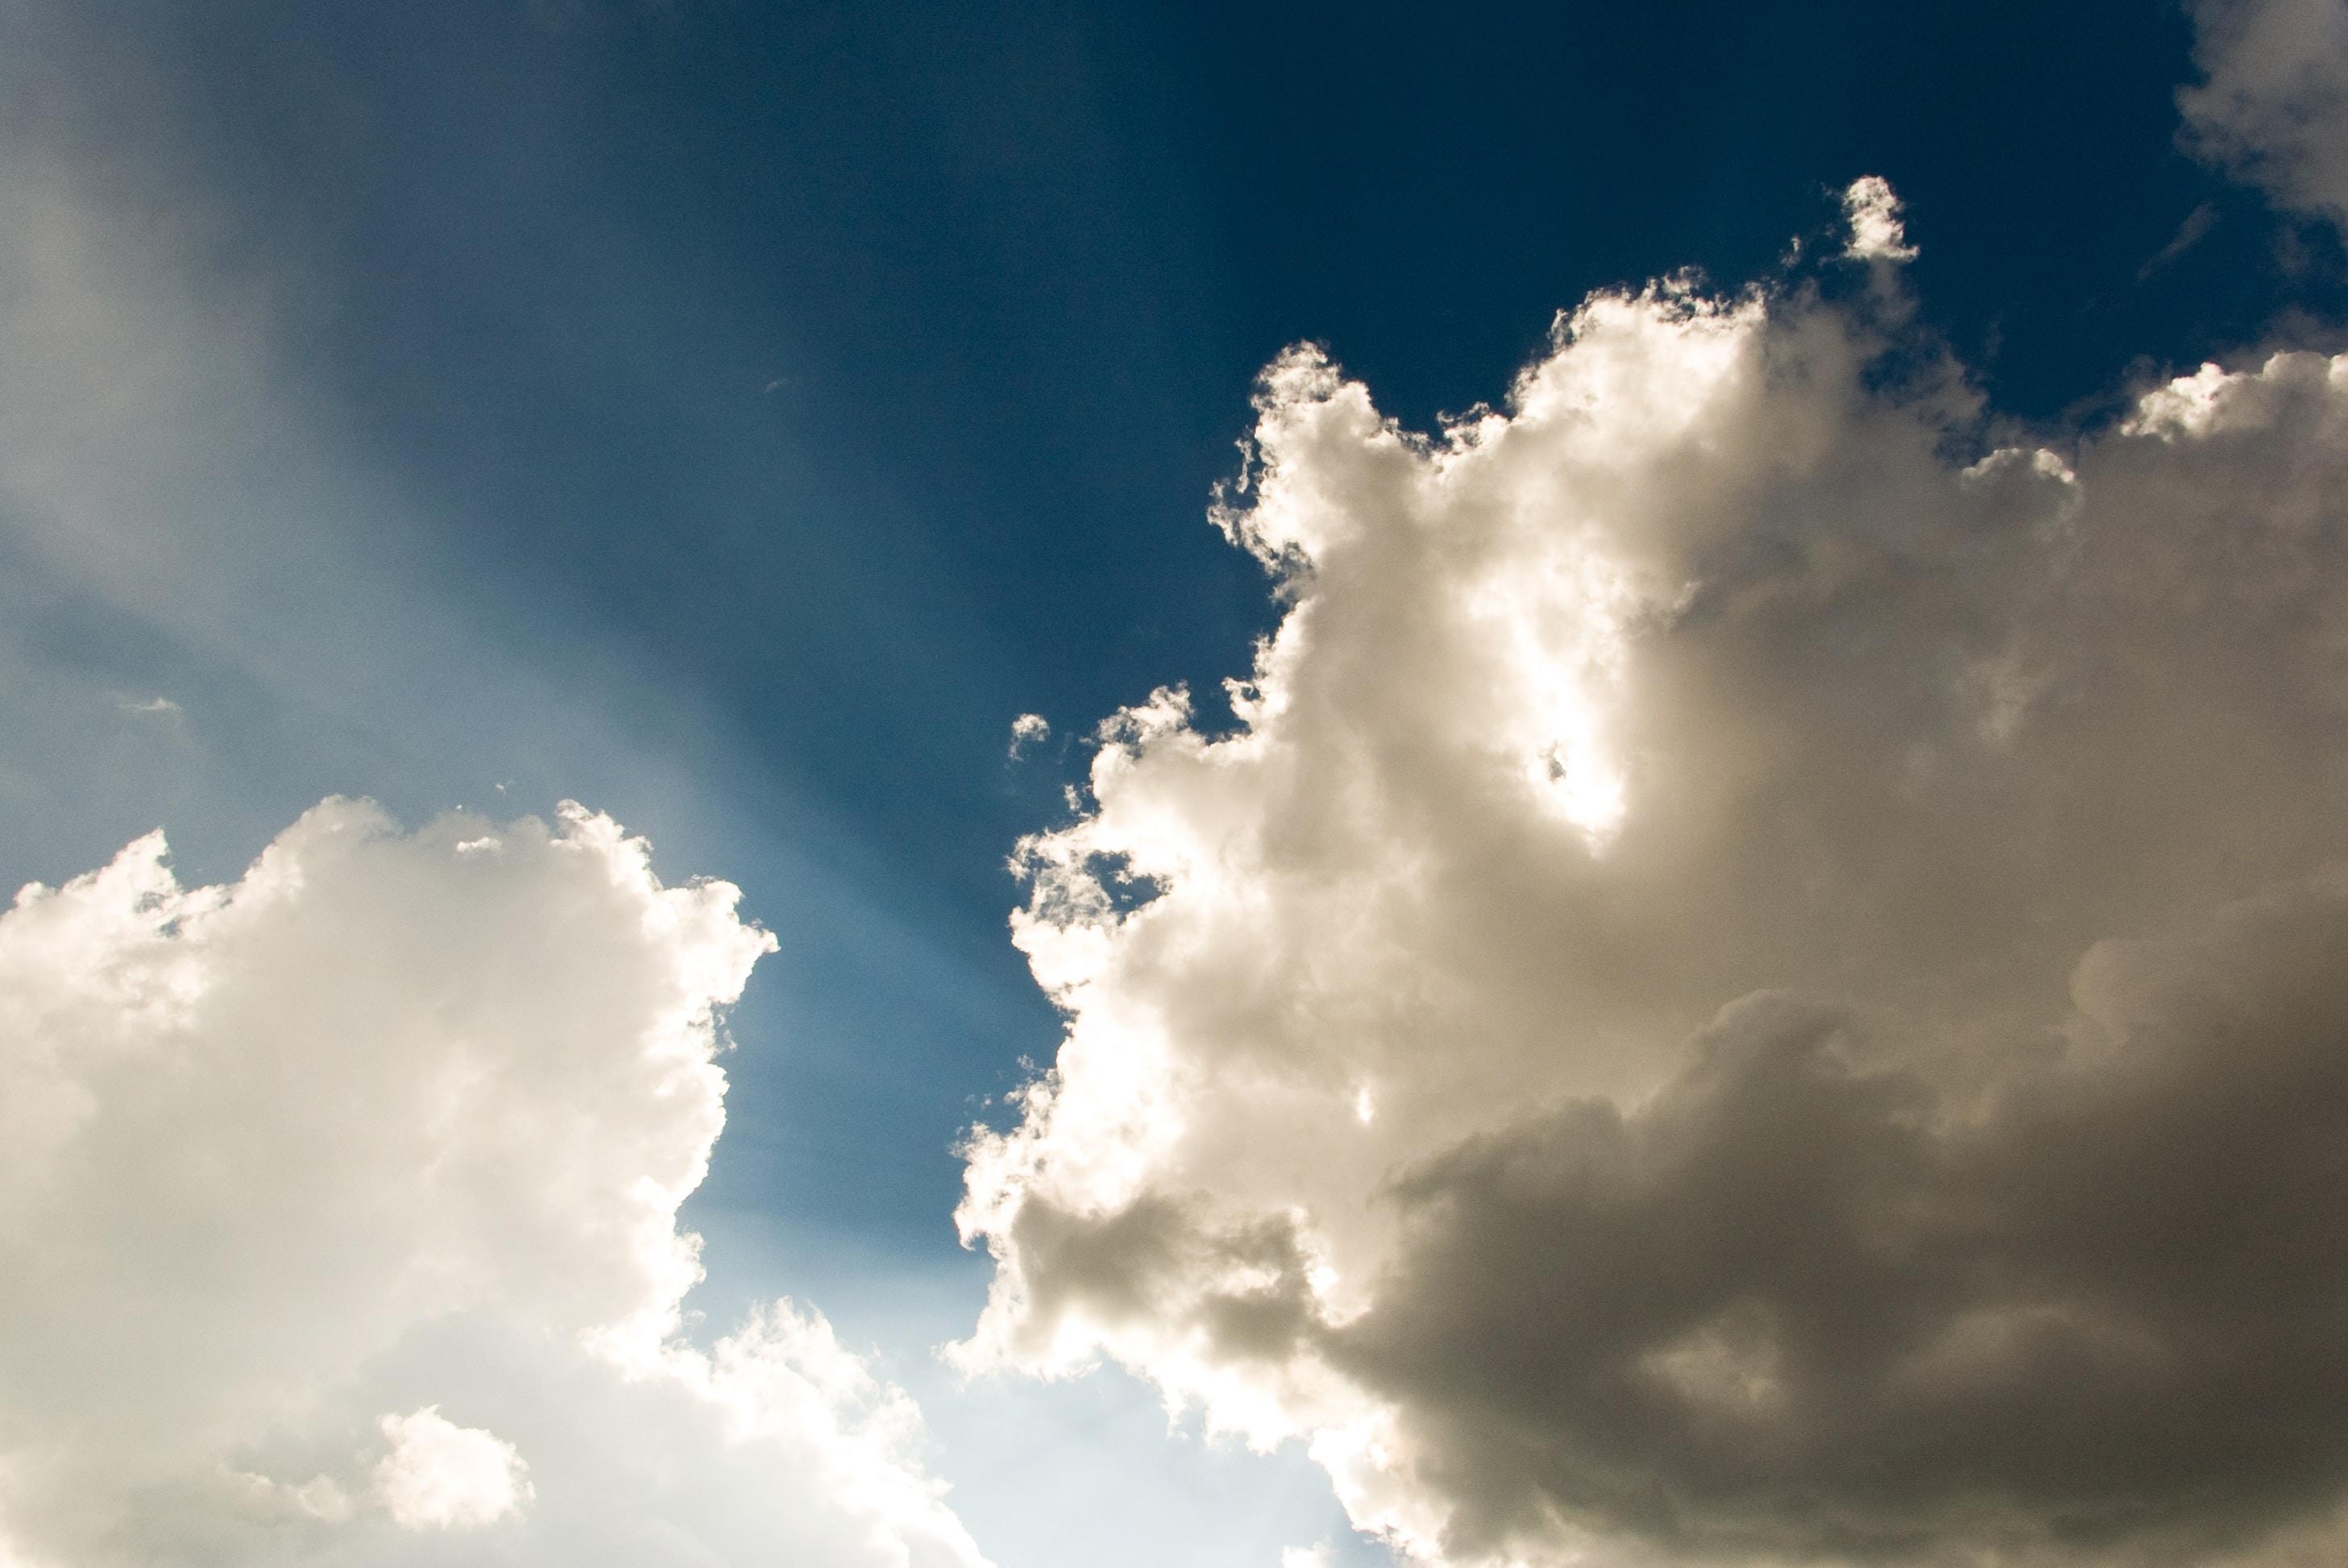 cumulus clouds taken during daytime